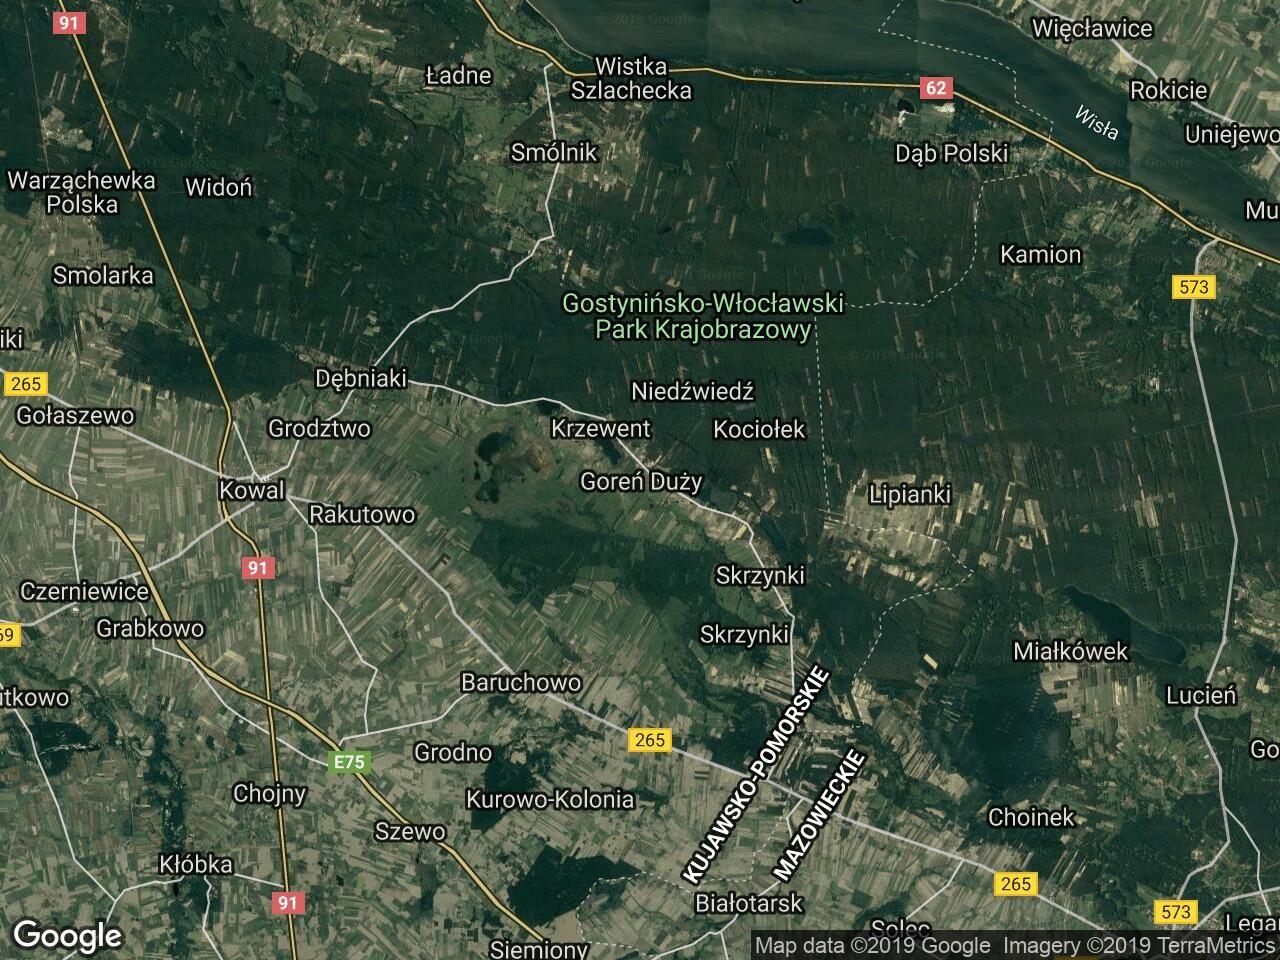 Działka budowlana Goreń Duży, ul. Porzeczkowa